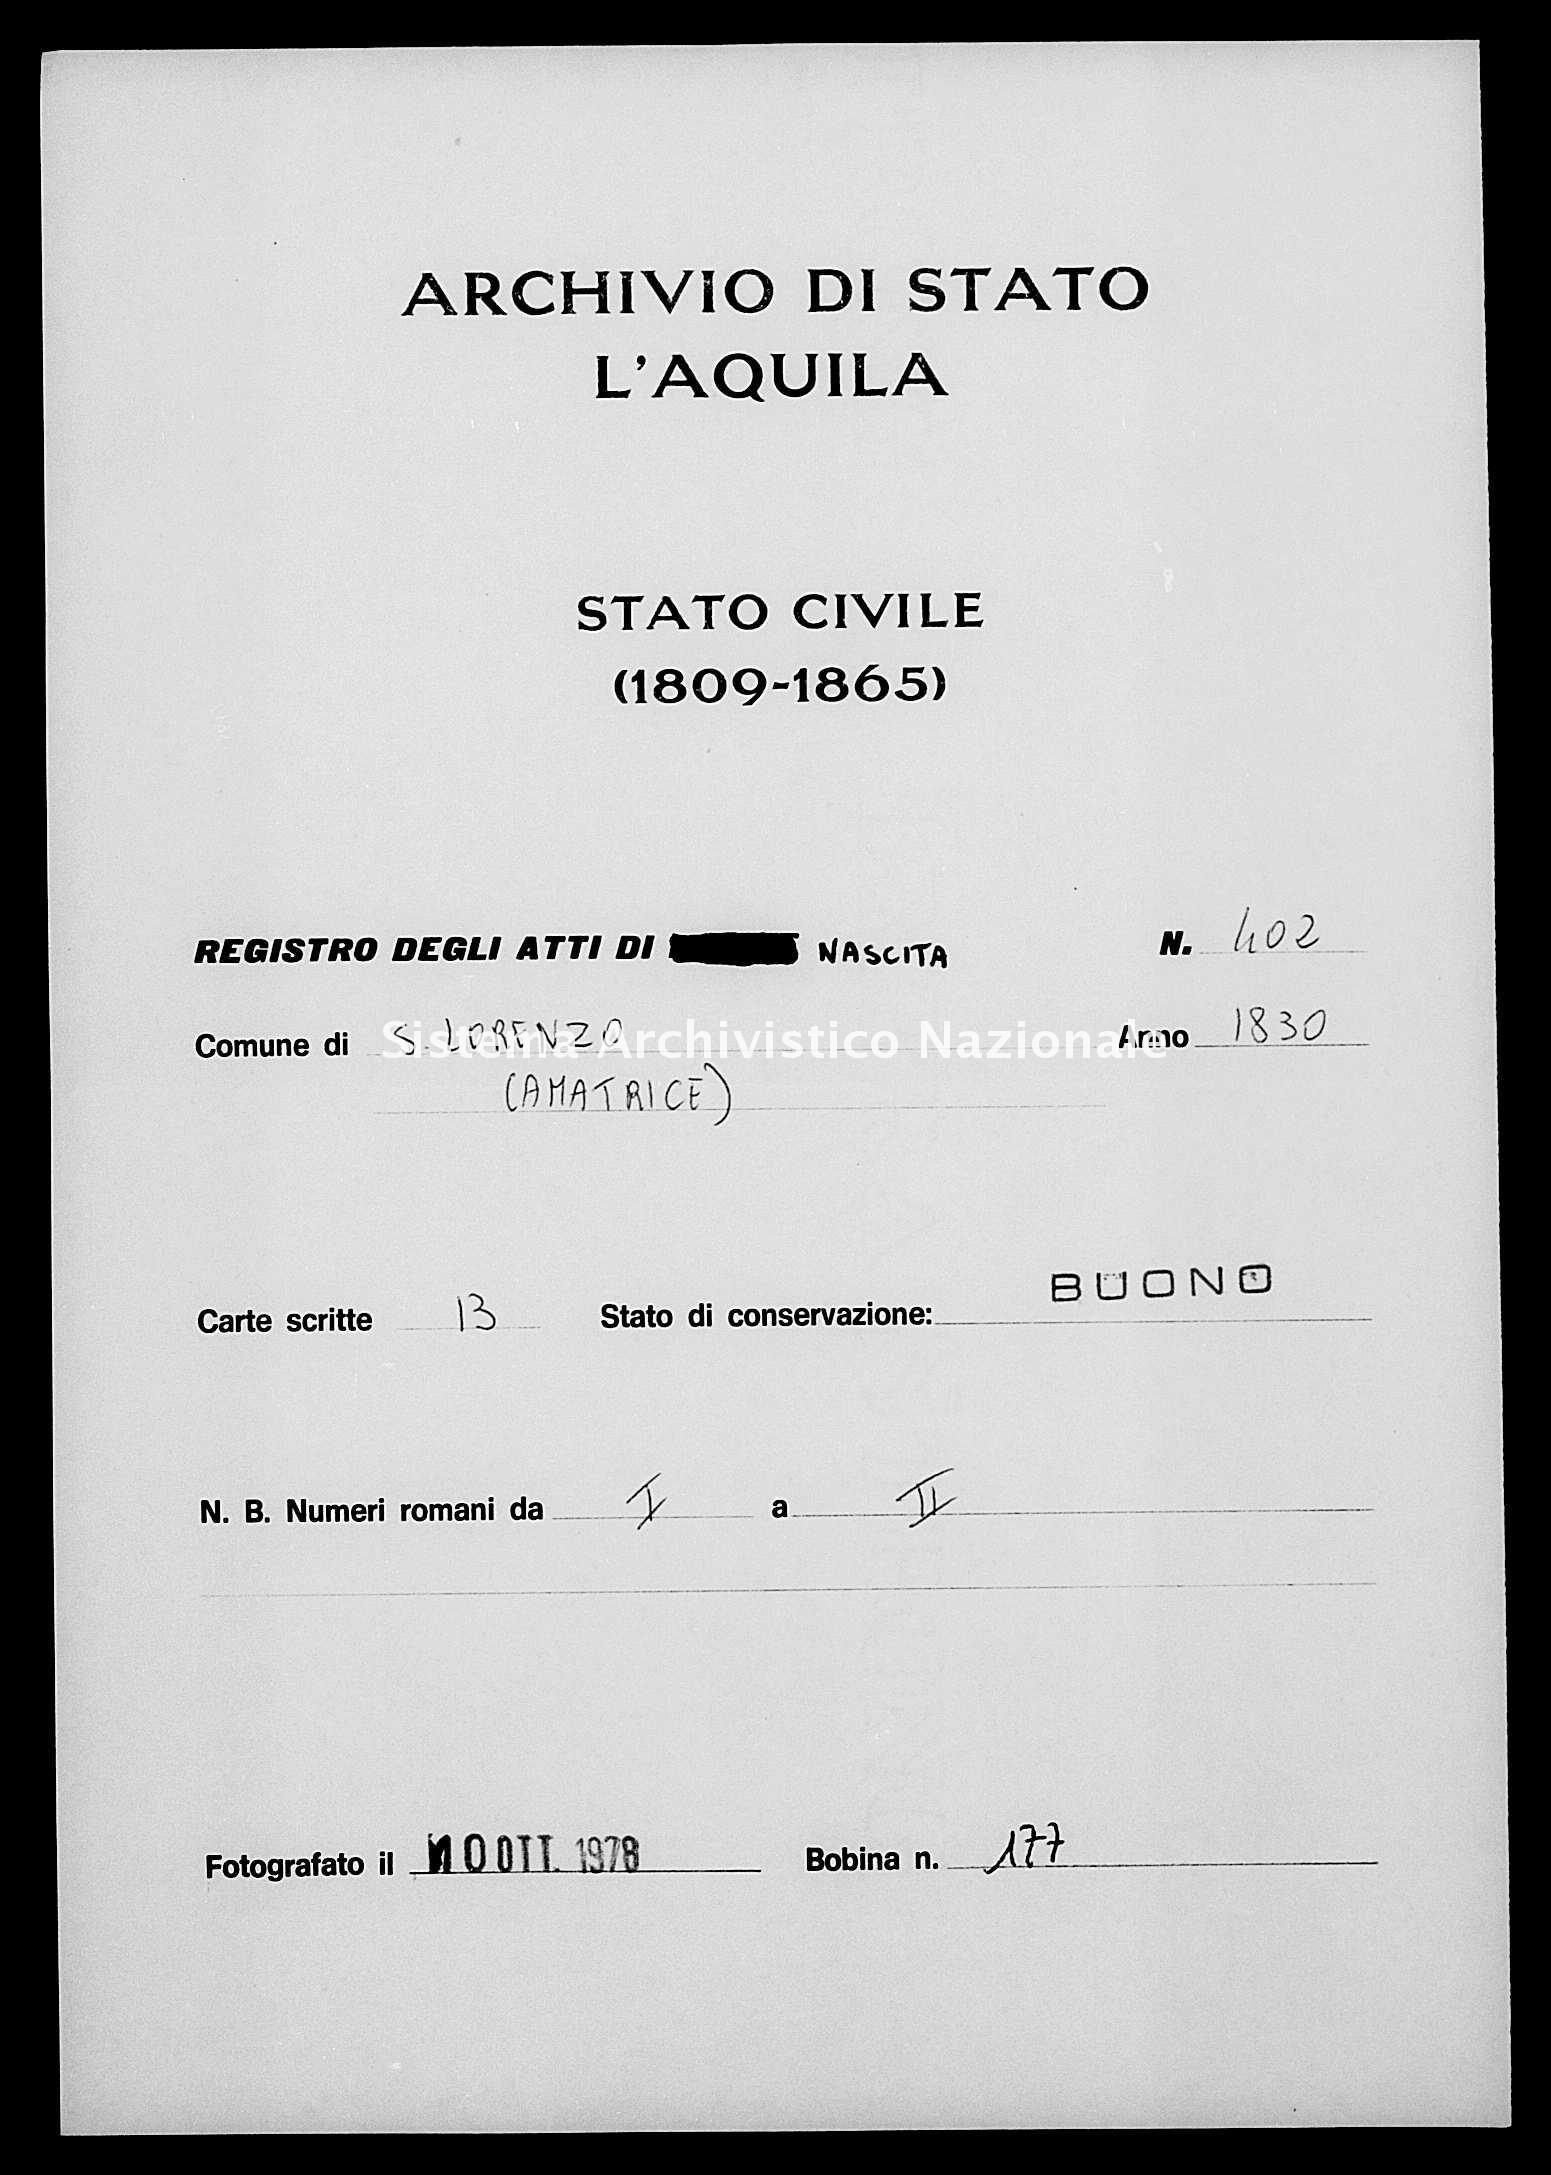 Archivio di stato di L'aquila - Stato civile della restaurazione - San Lorenzo - Nati - 1830 - 402 -